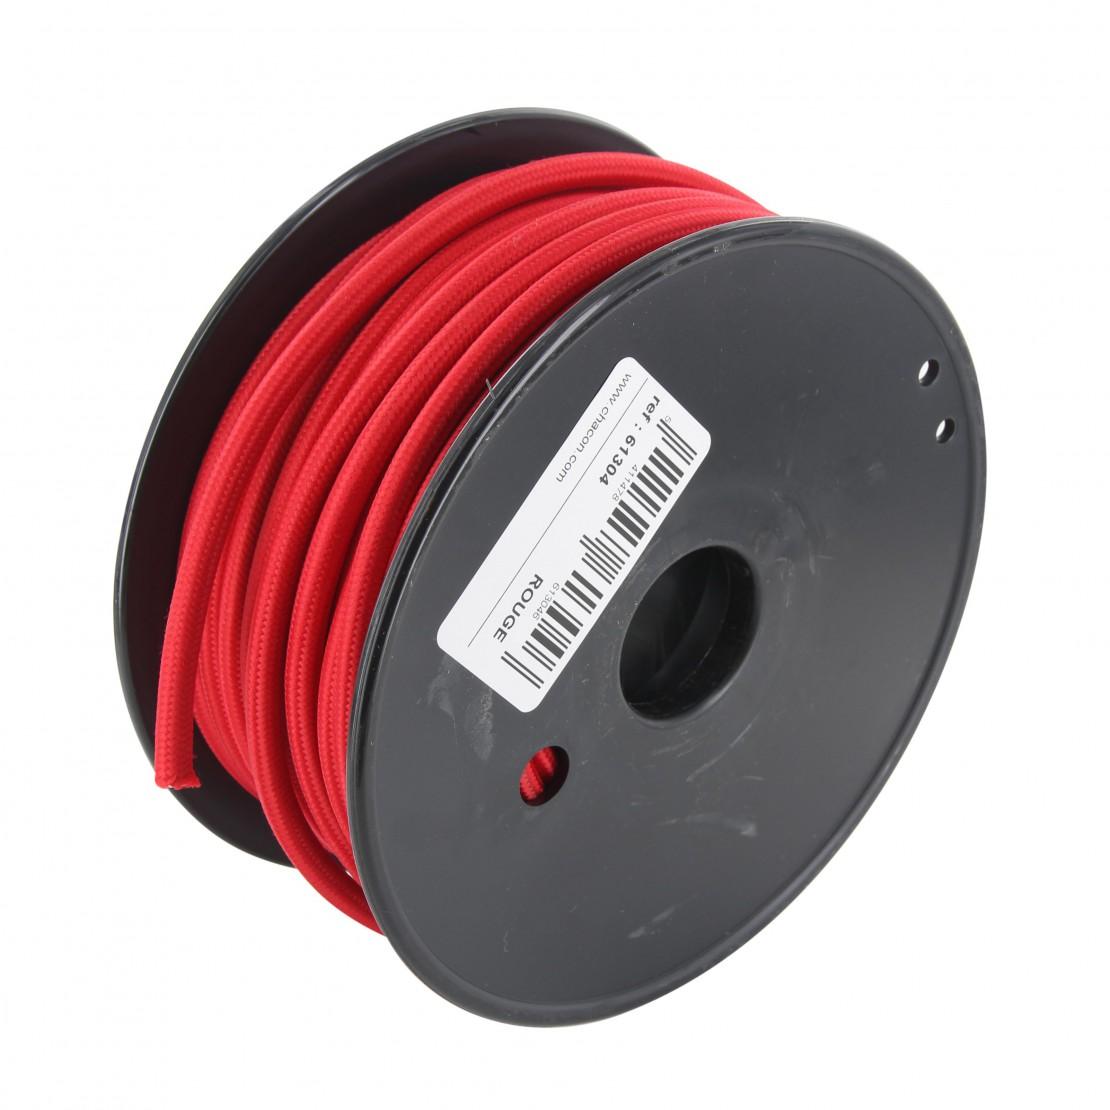 Bobina cable textil rojo 20 m